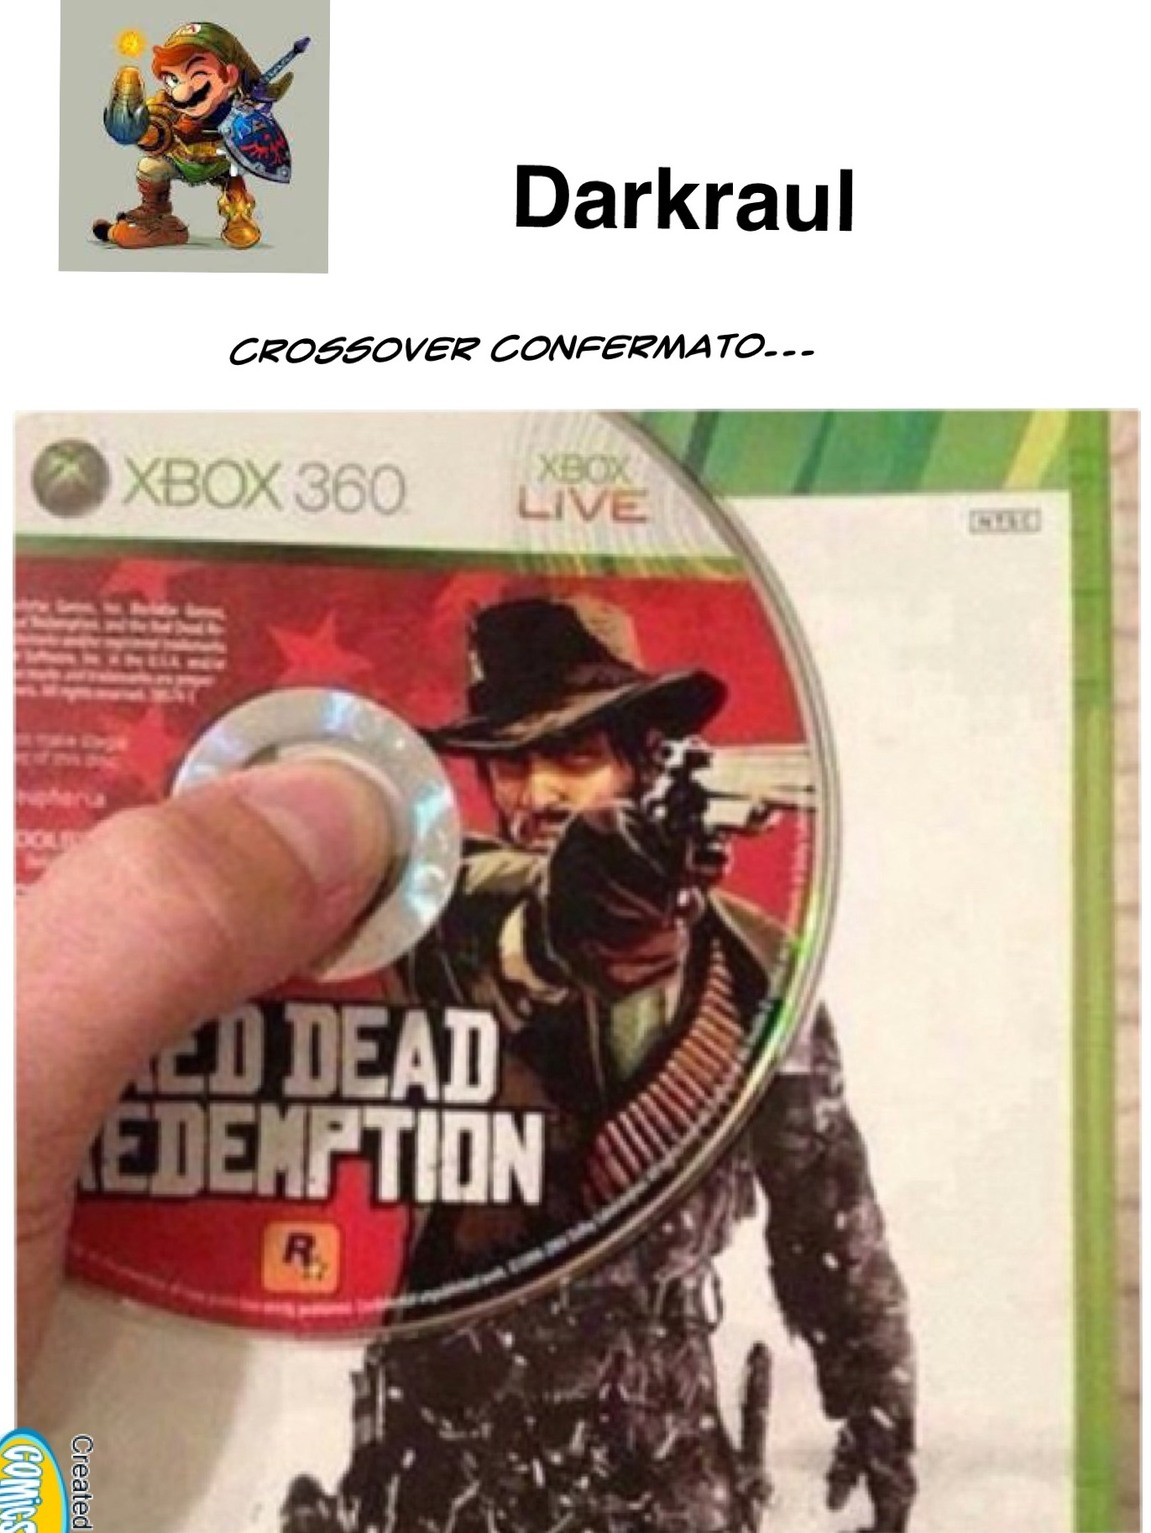 Crossover confermato - meme